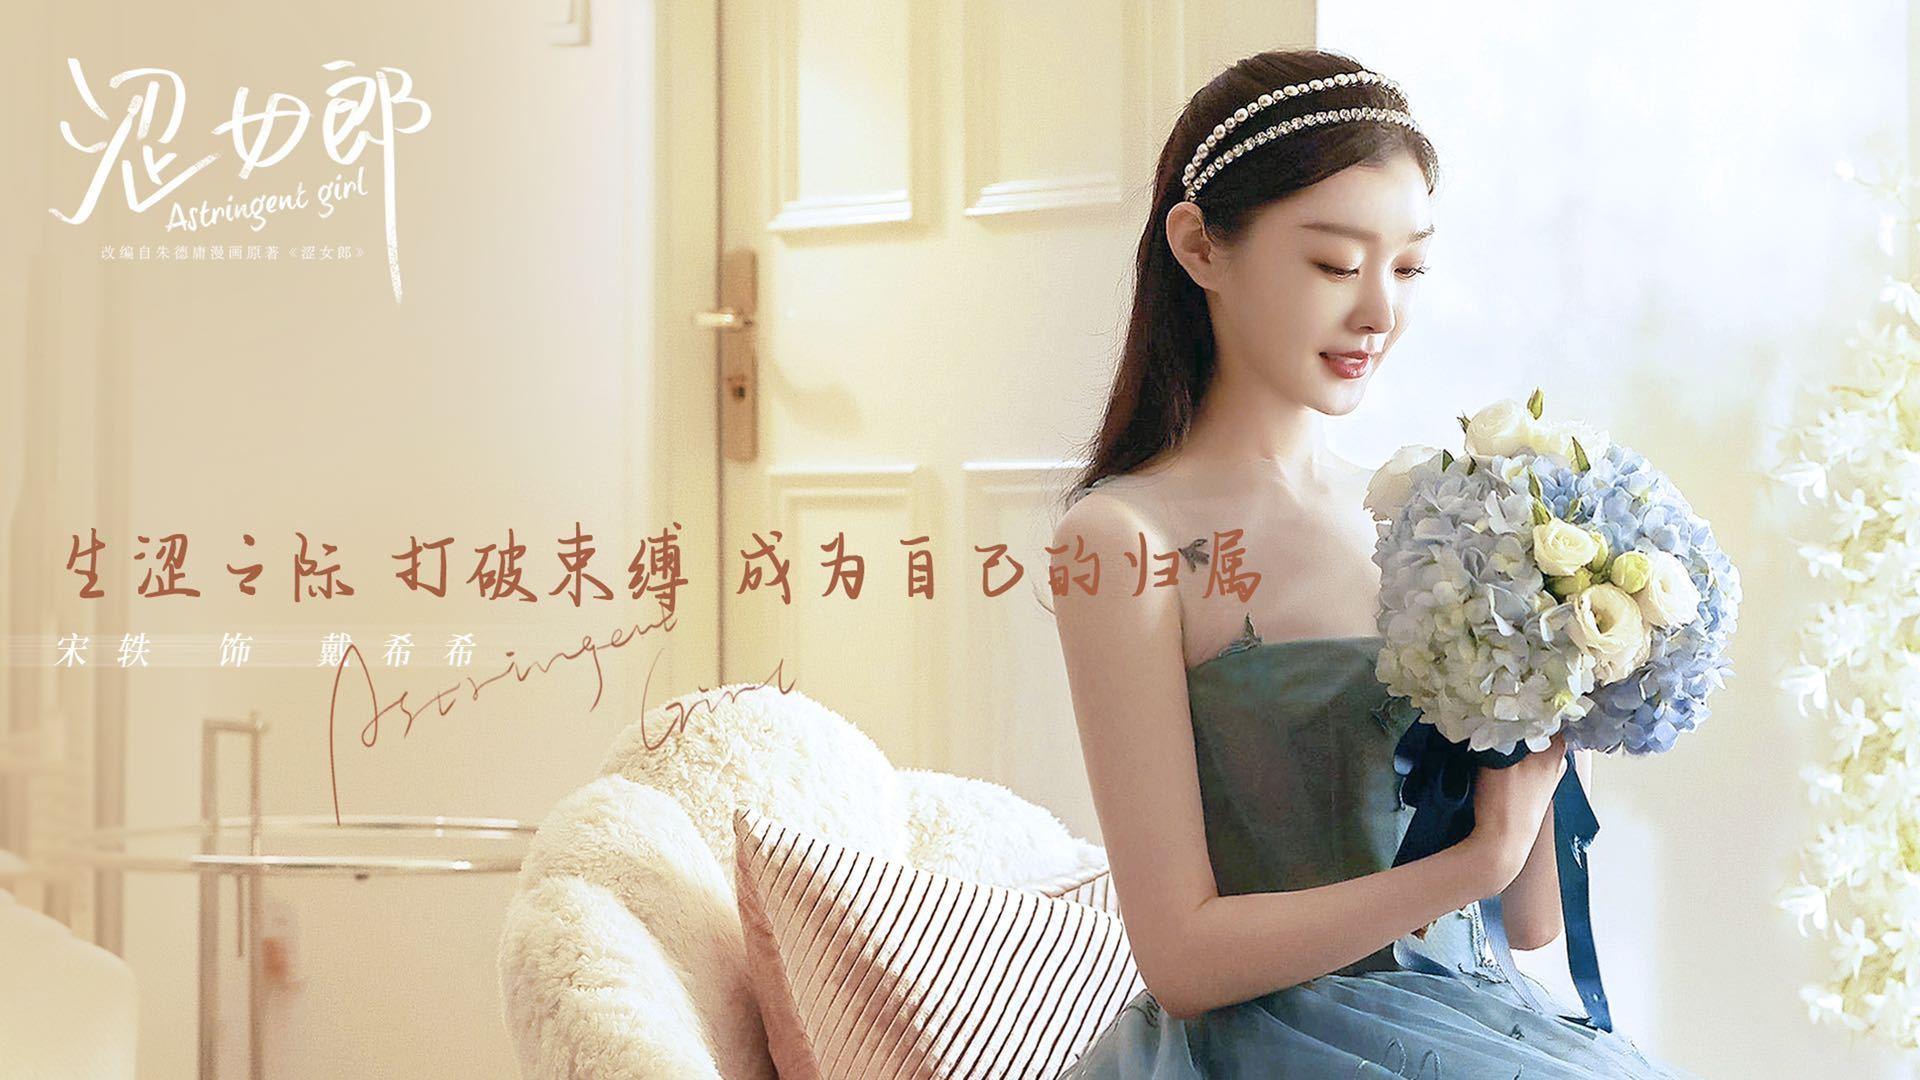 """《爱的理想生活》剧照 宋轶饰演""""结婚狂"""""""